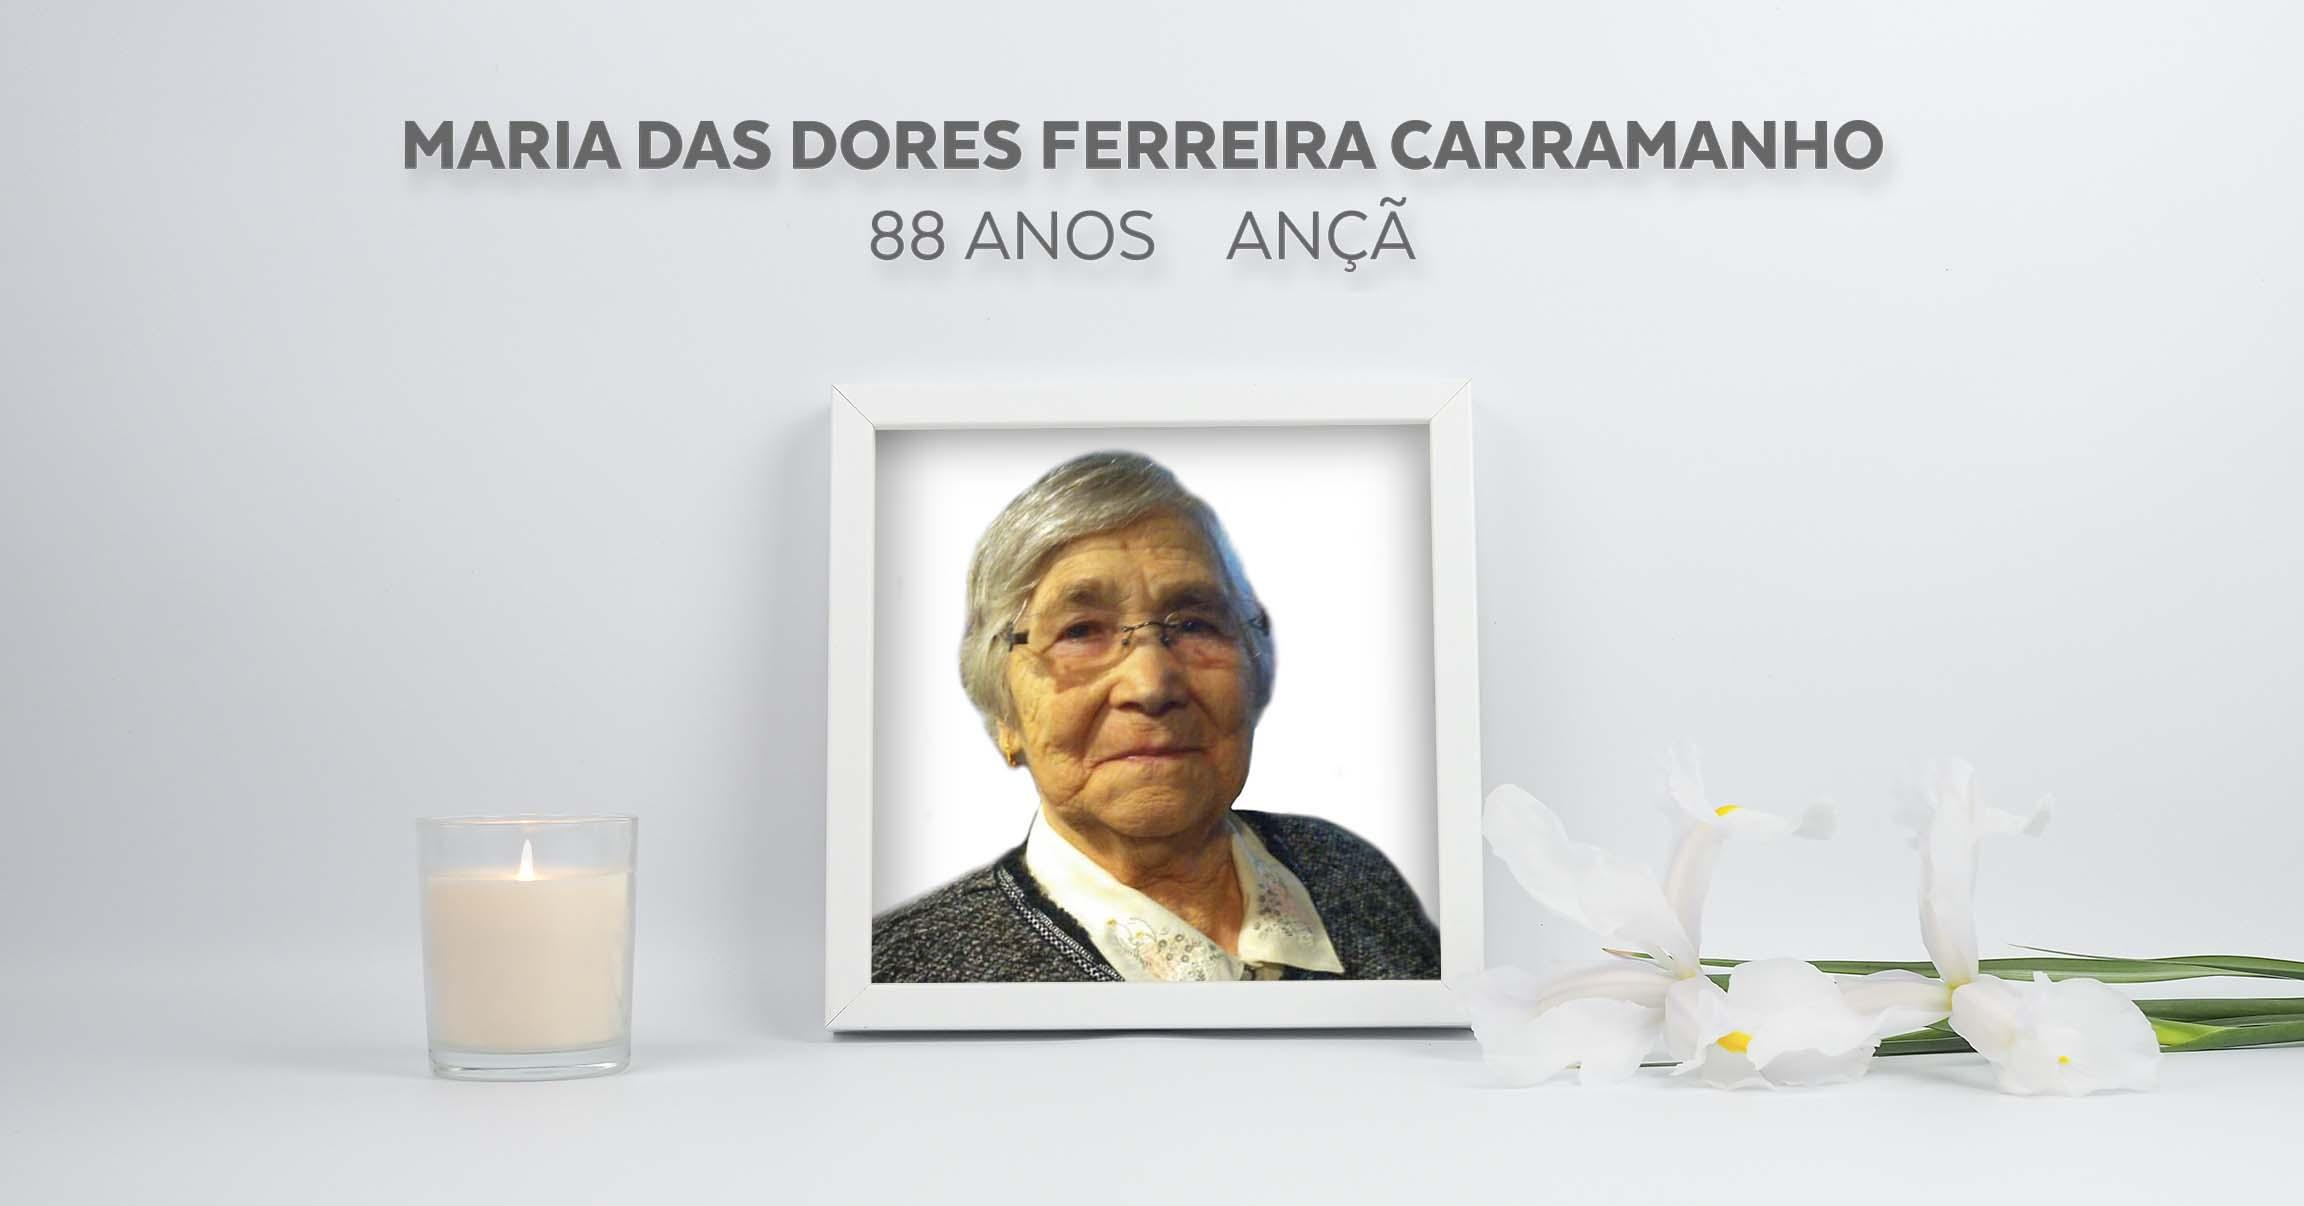 Maria das Dores Ferreira Carramanho